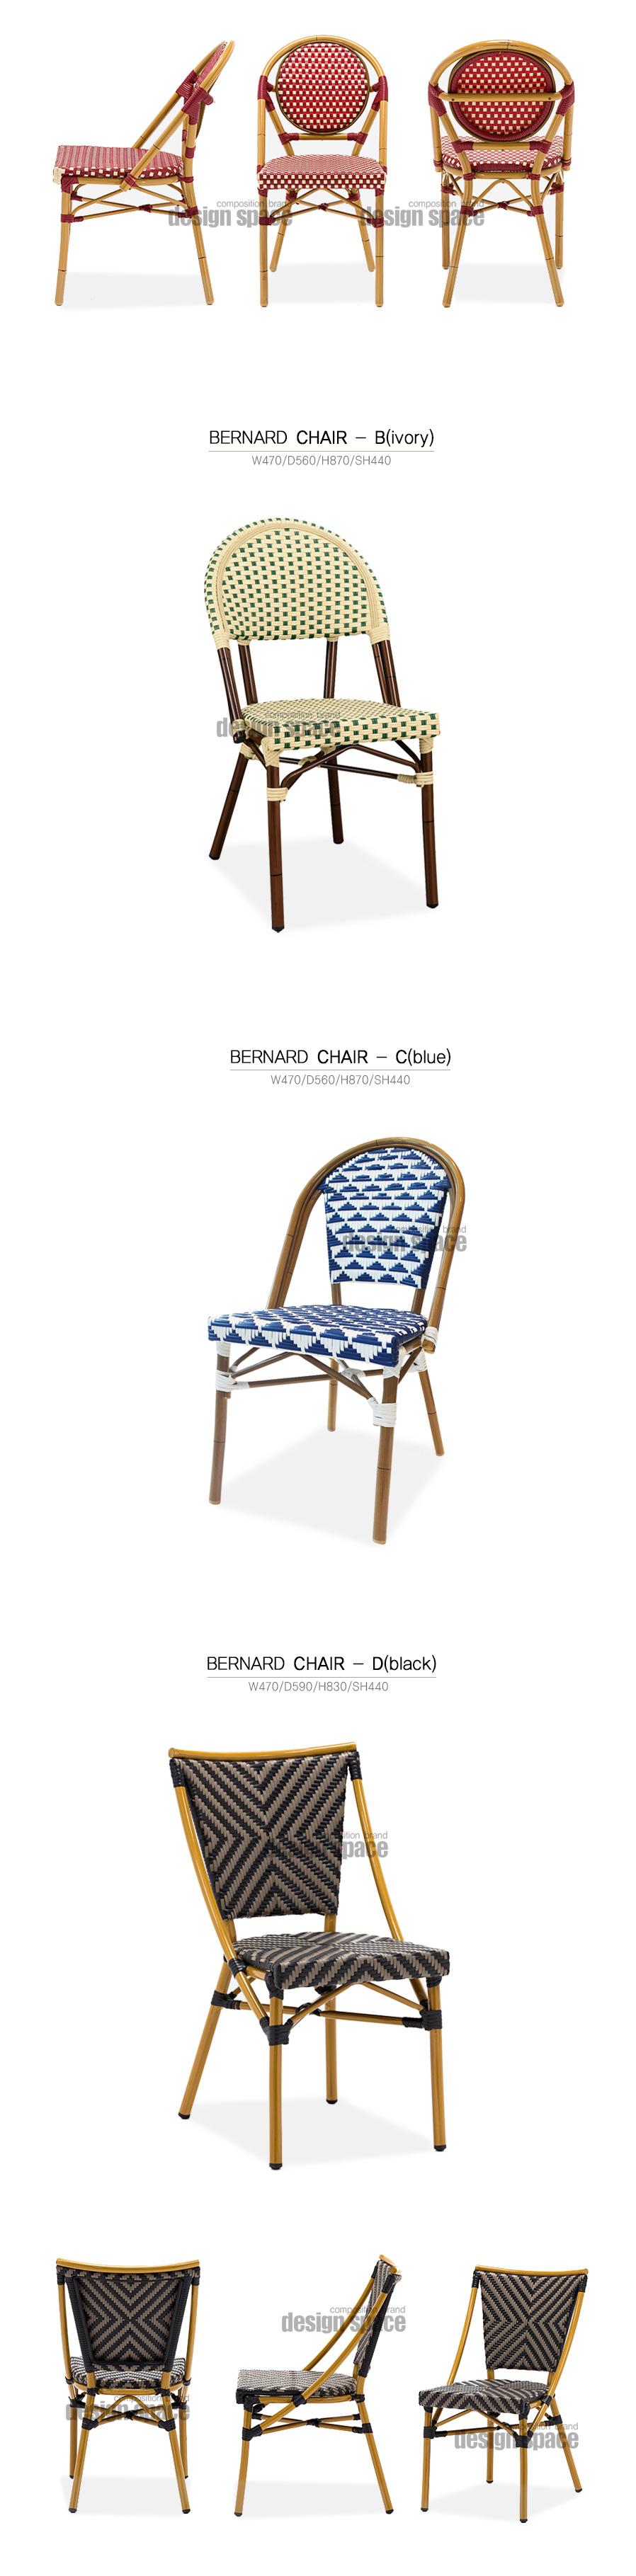 bernad-chair_02.jpg